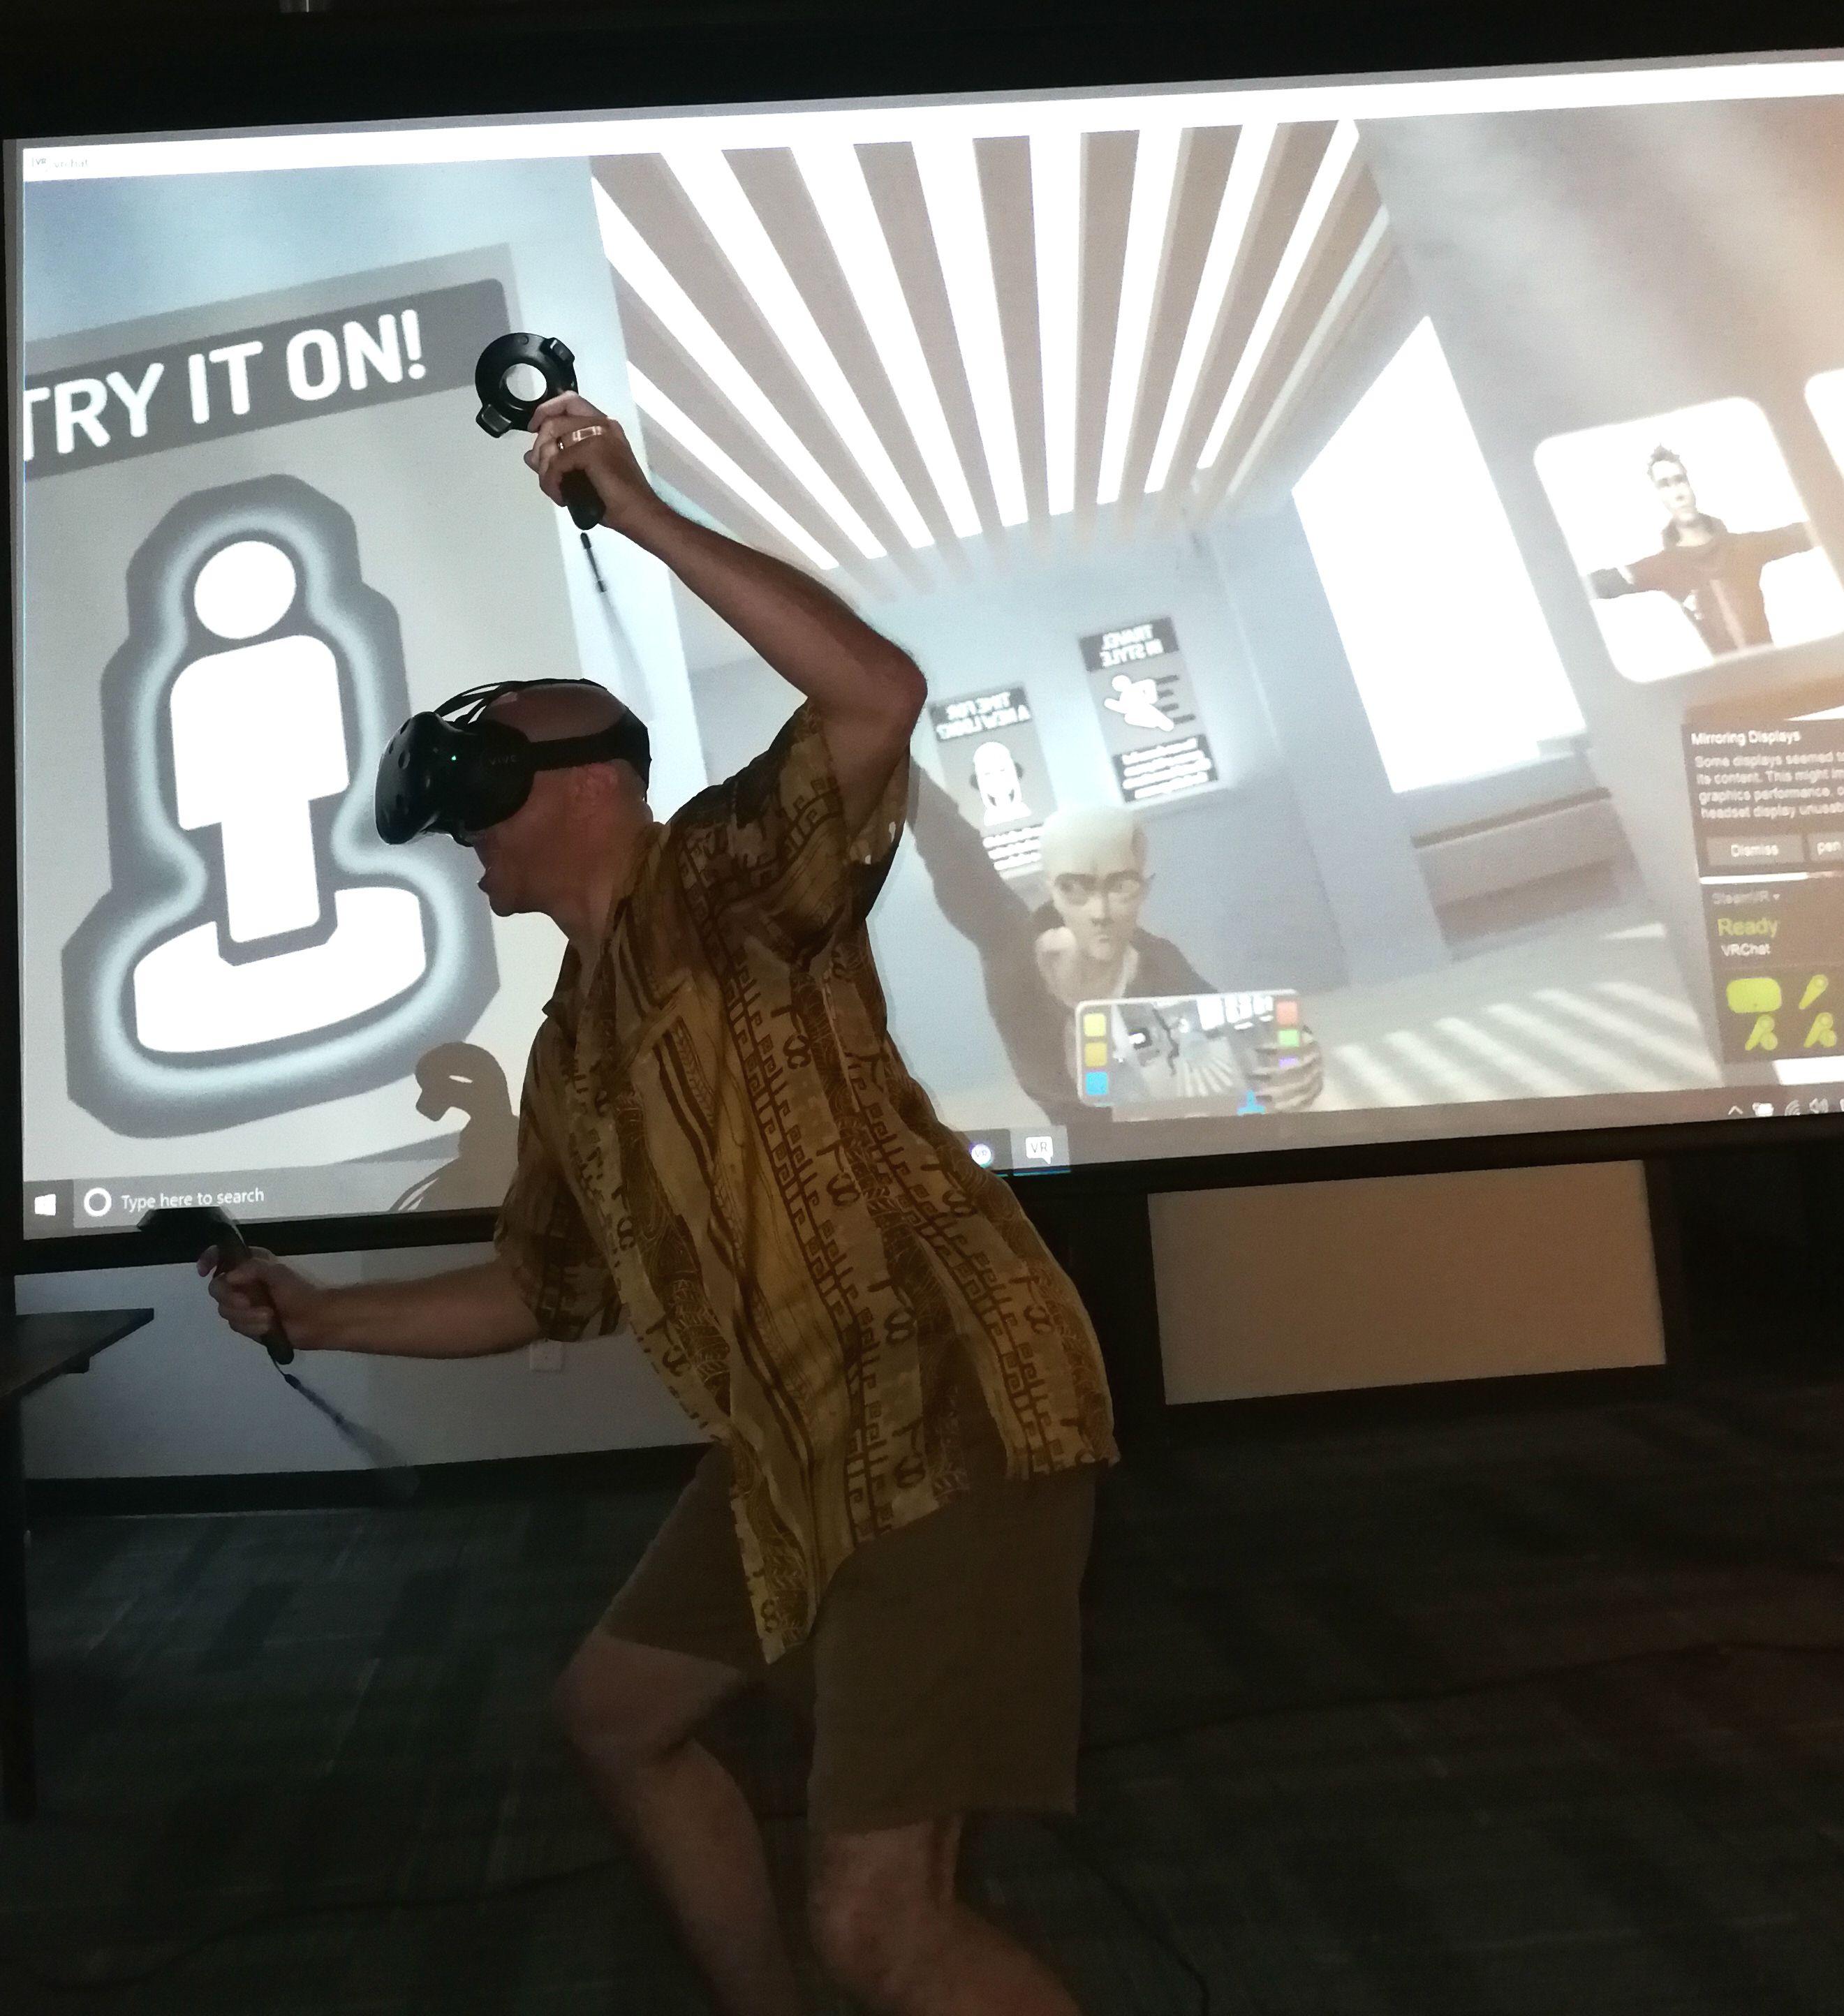 VR Society: Virtual - Augmented - Mixed Reality Meetup